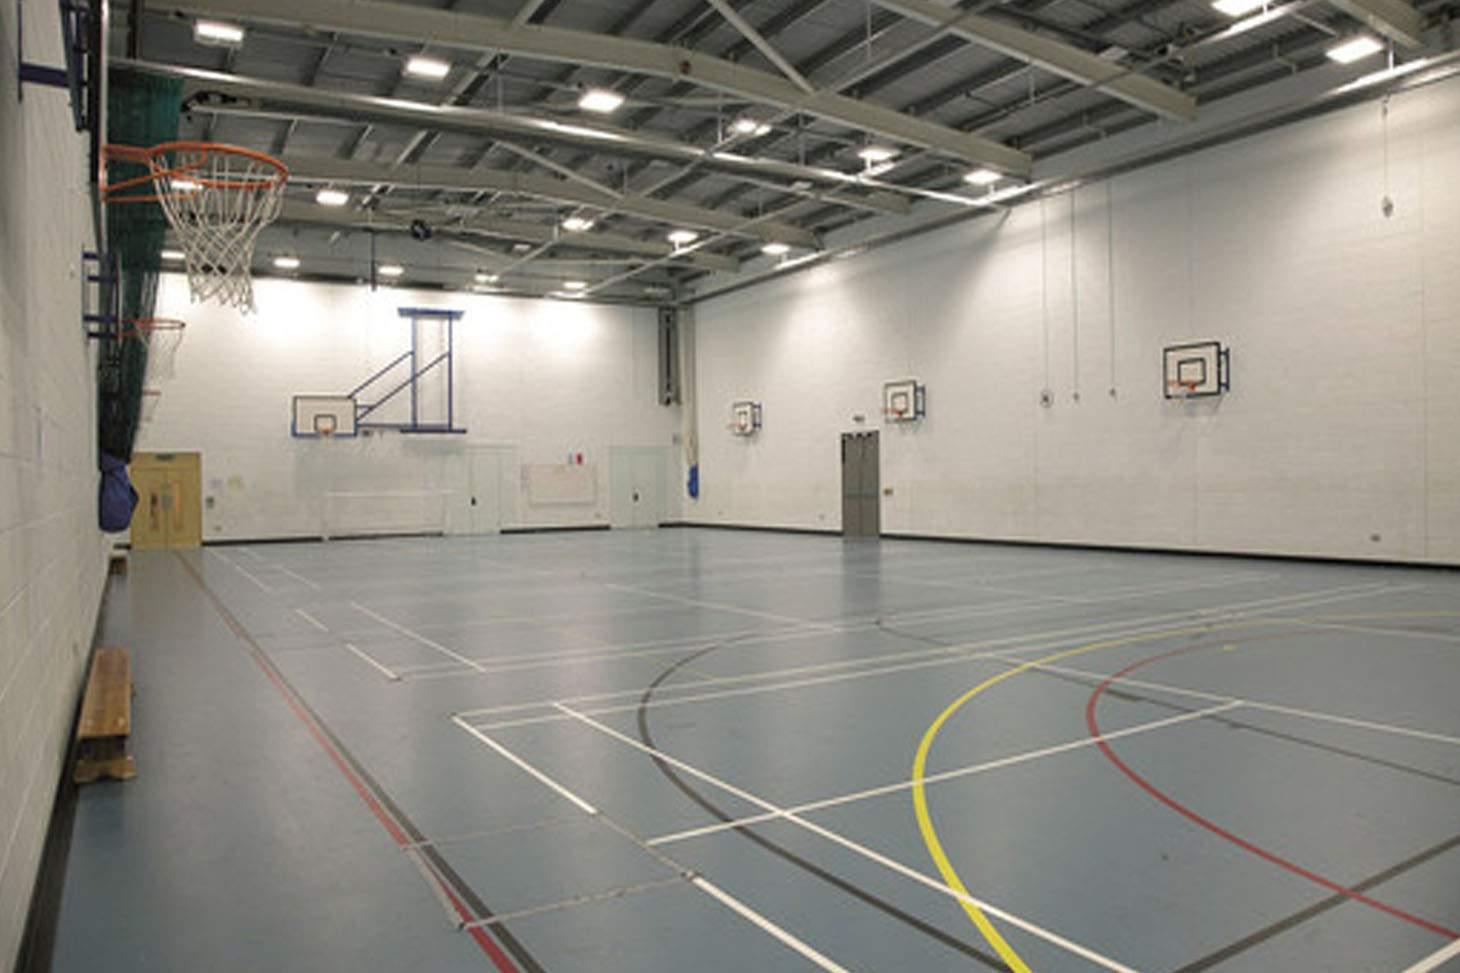 Sheffield Park Academy Indoor badminton court